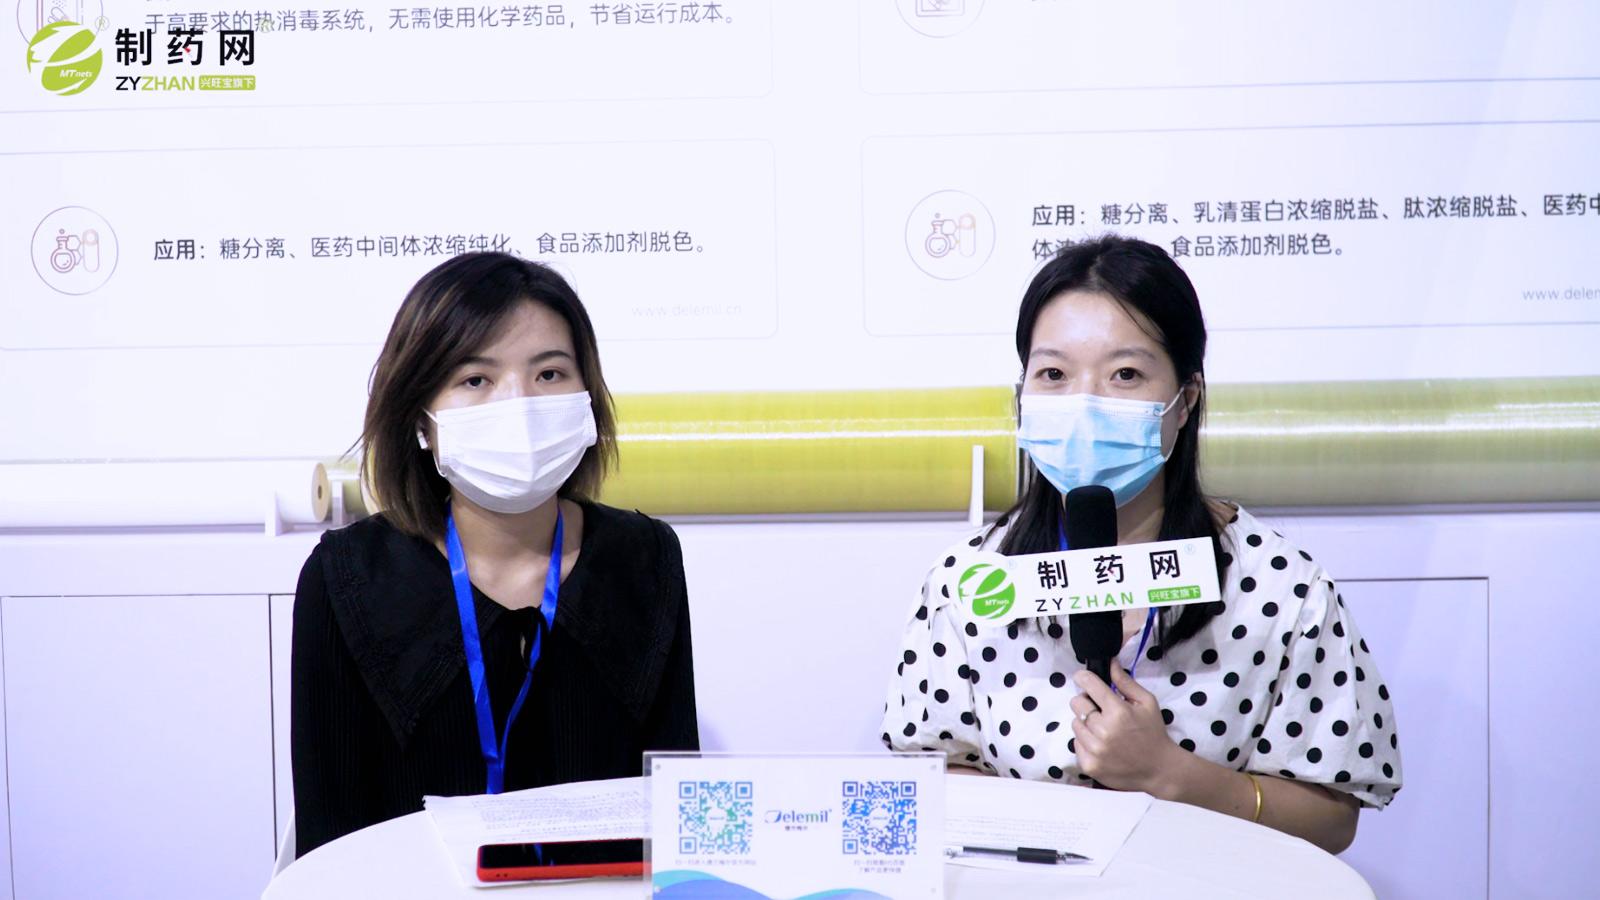 德蘭梅爾趙倩講述如何把控好生物制藥過程中的風險